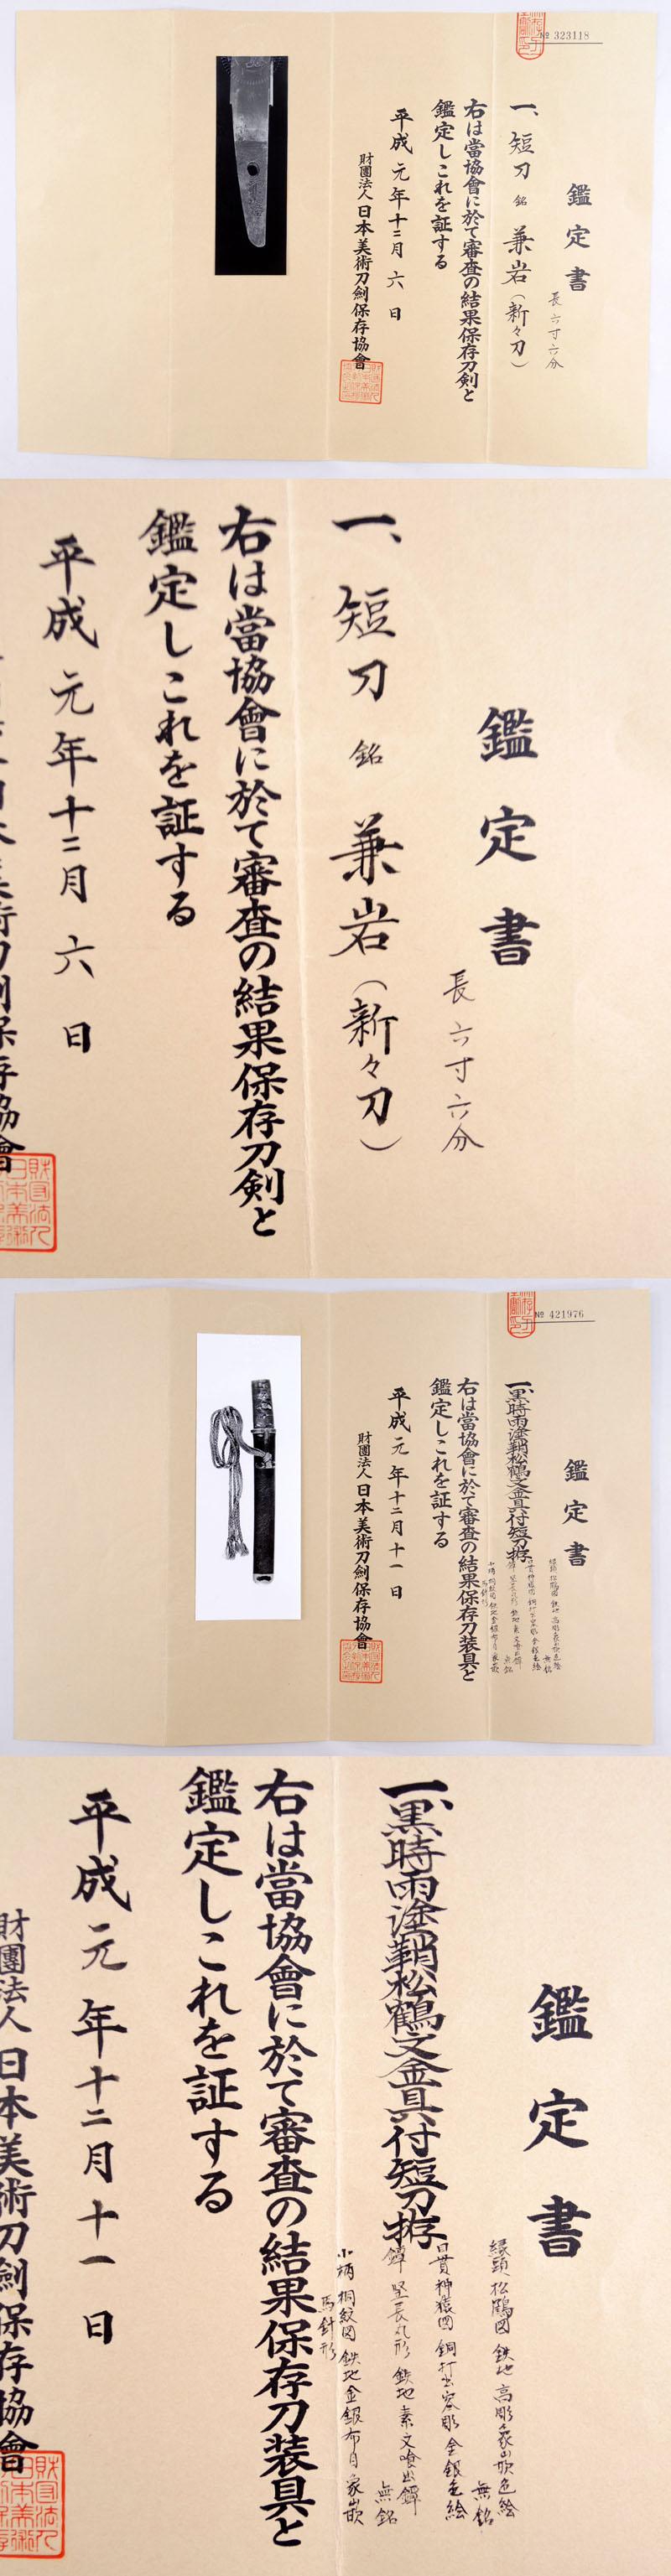 兼岩 Picture of Certificate